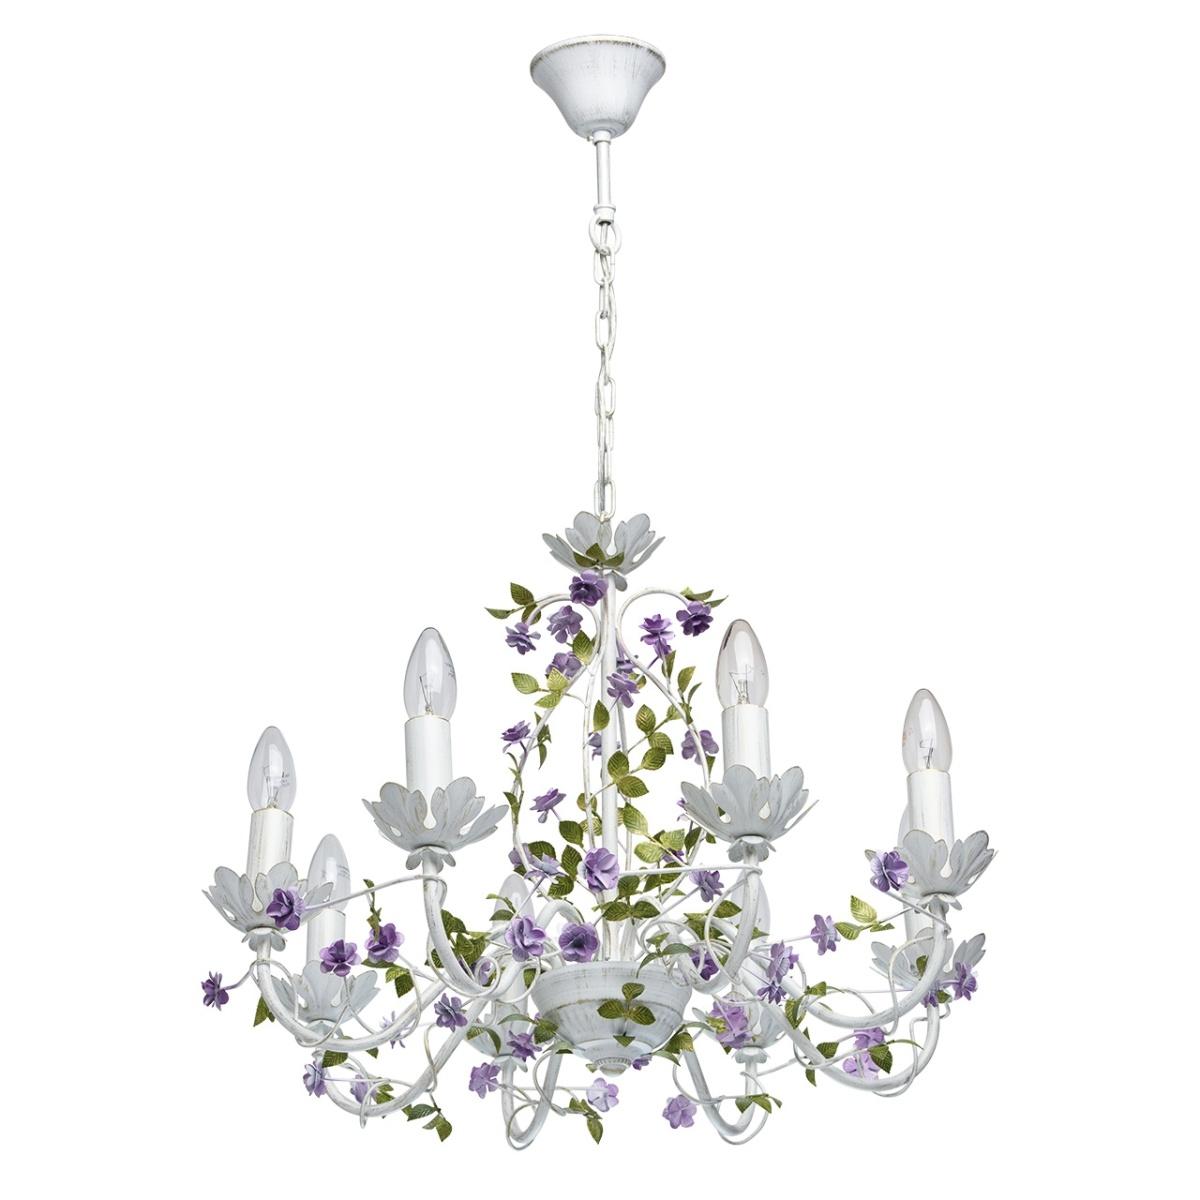 Candelabru Light Flora Poza